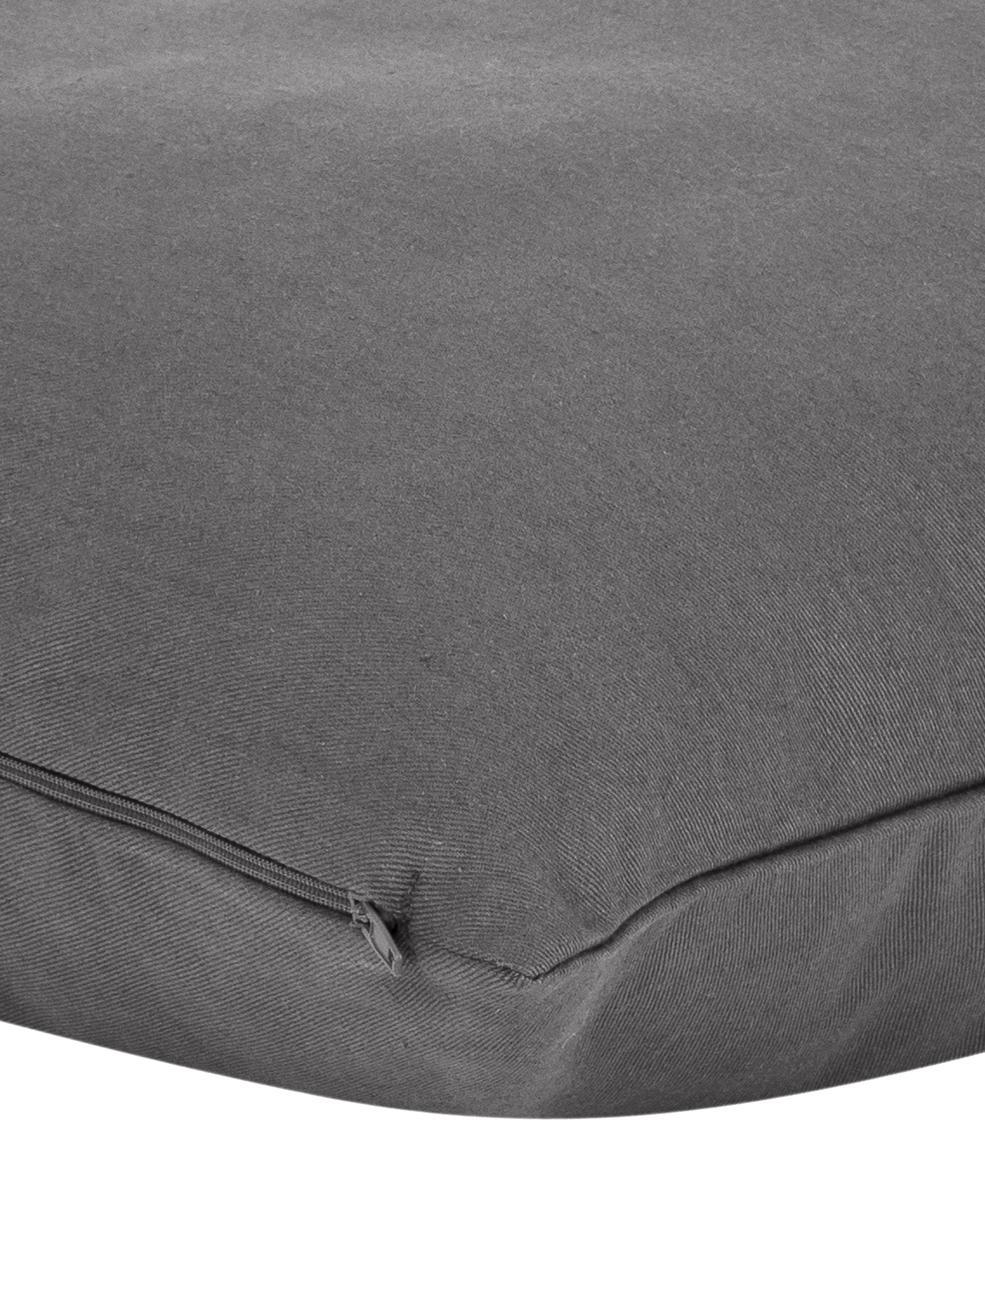 Federa arredo in grigio scuro Mads, 100% cotone, Grigio scuro, Larg. 40 x Lung. 40 cm